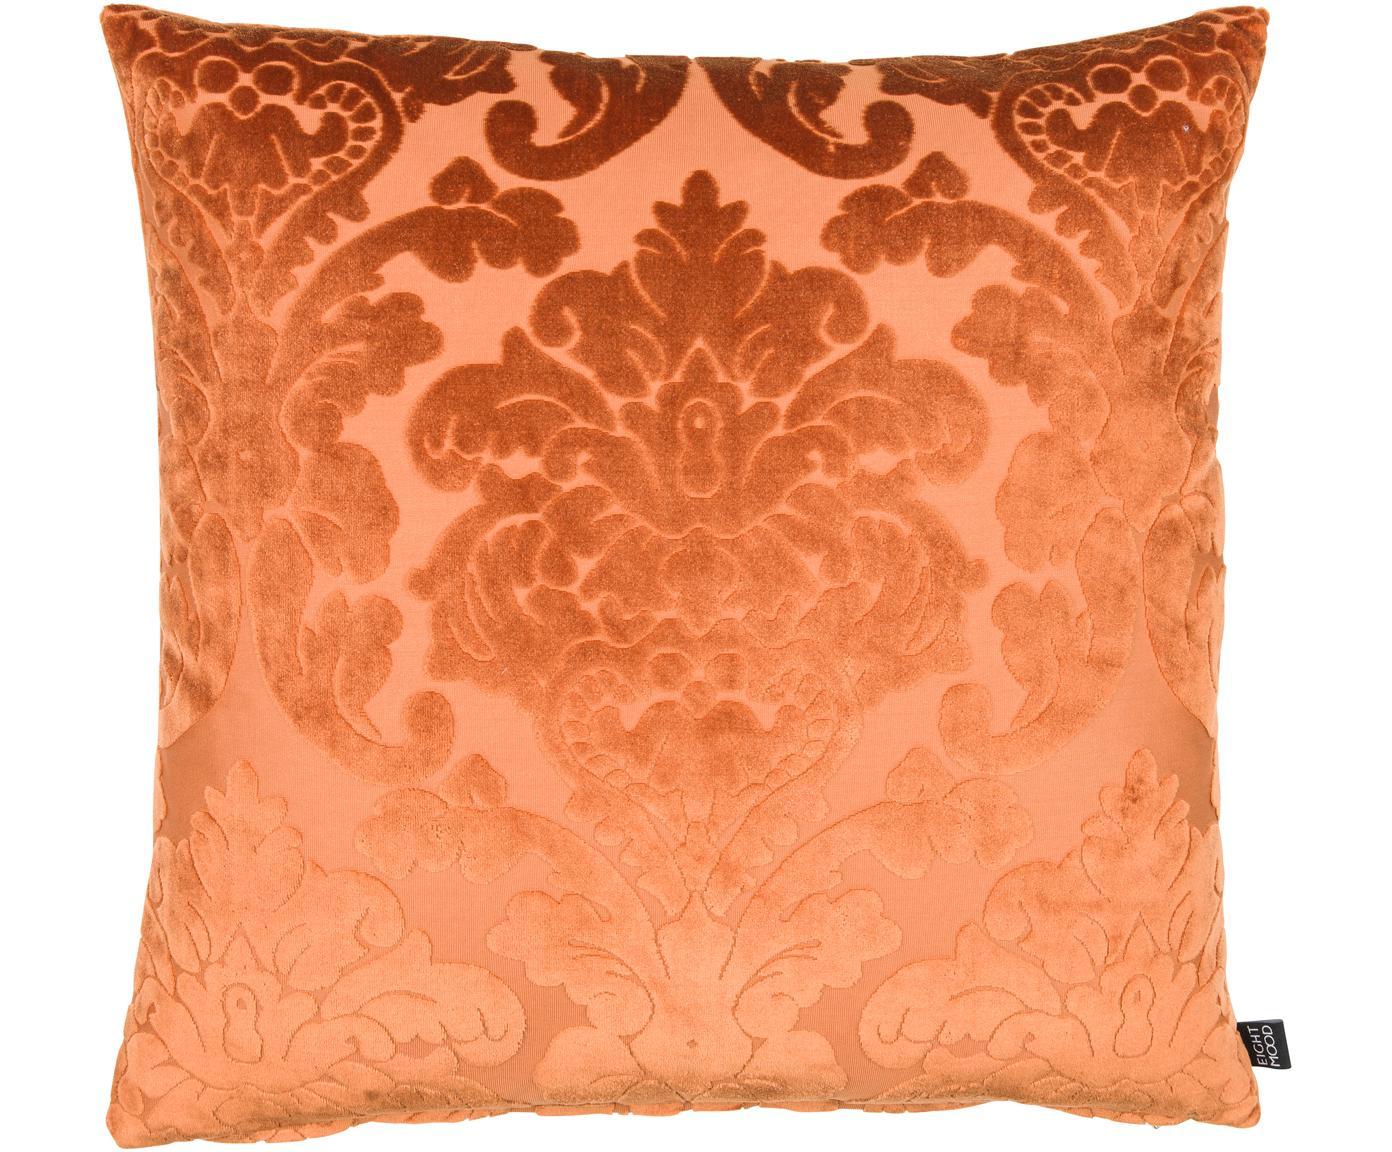 Cuscino con imbottitura in velluto Chateau, Rivestimento: velluto di poliestere, Arancione, Larg. 50 x Lung. 50 cm